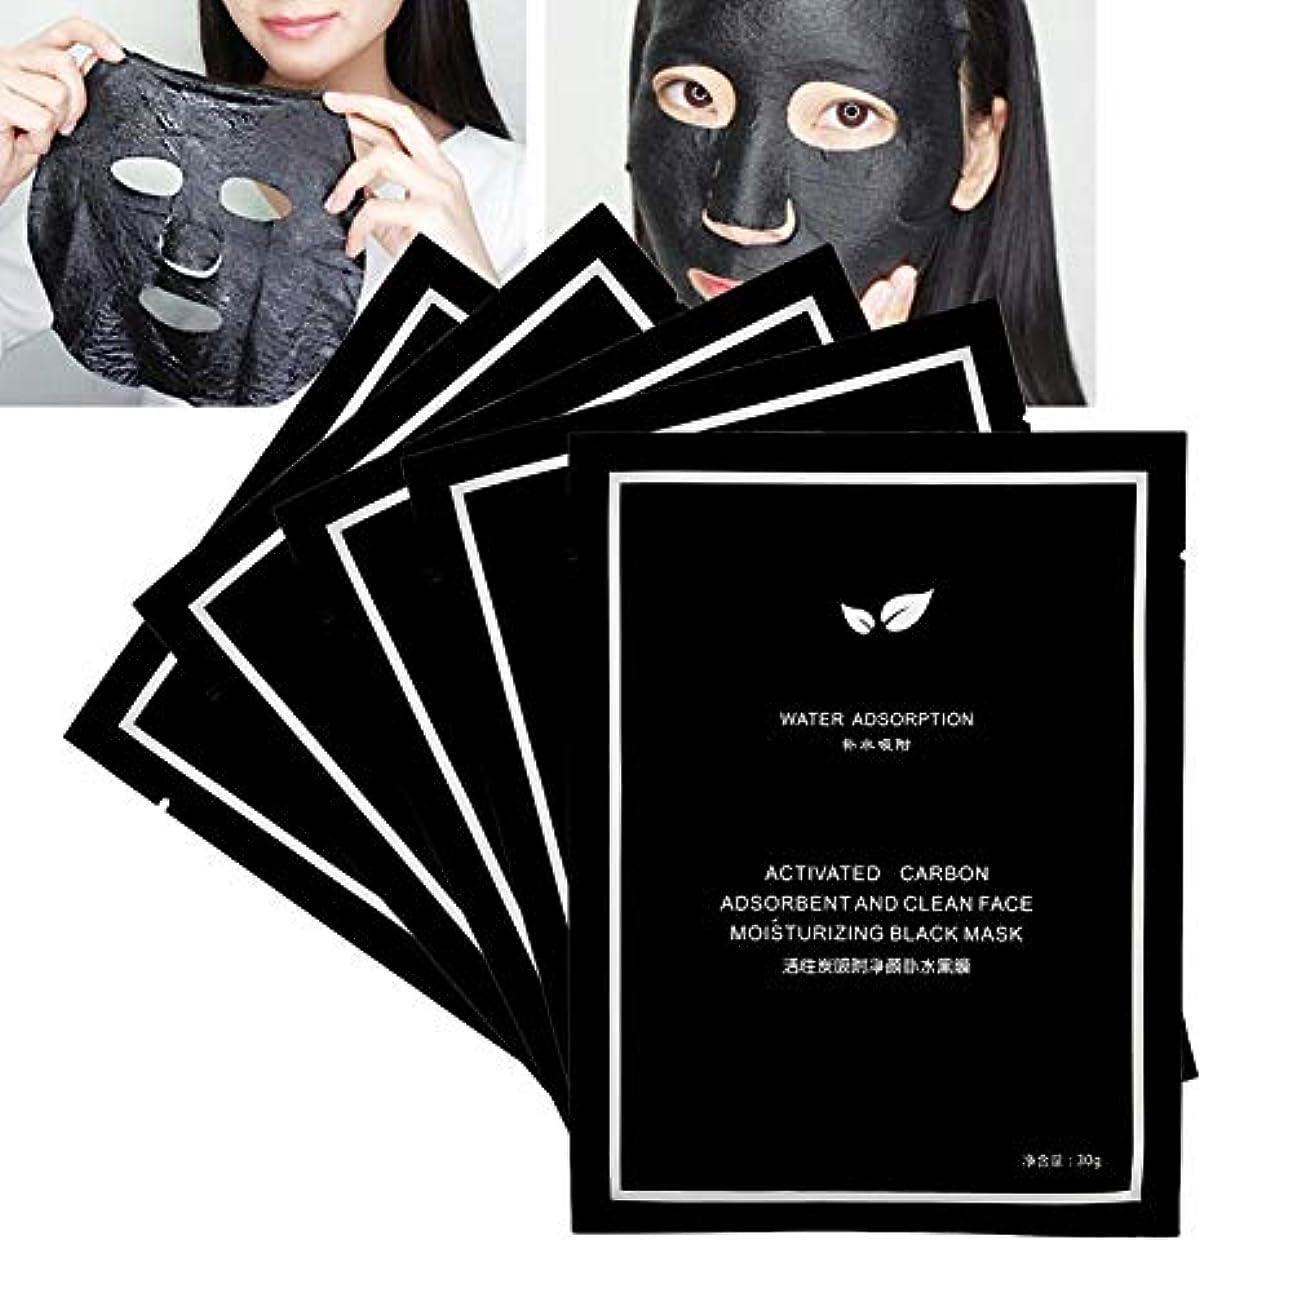 中性遅らせるクラウン5枚セット 活性炭マスク 保湿 フェイスブラックマスク オイルコントロールブラックヘッドの除去汚れ除去スキンケア